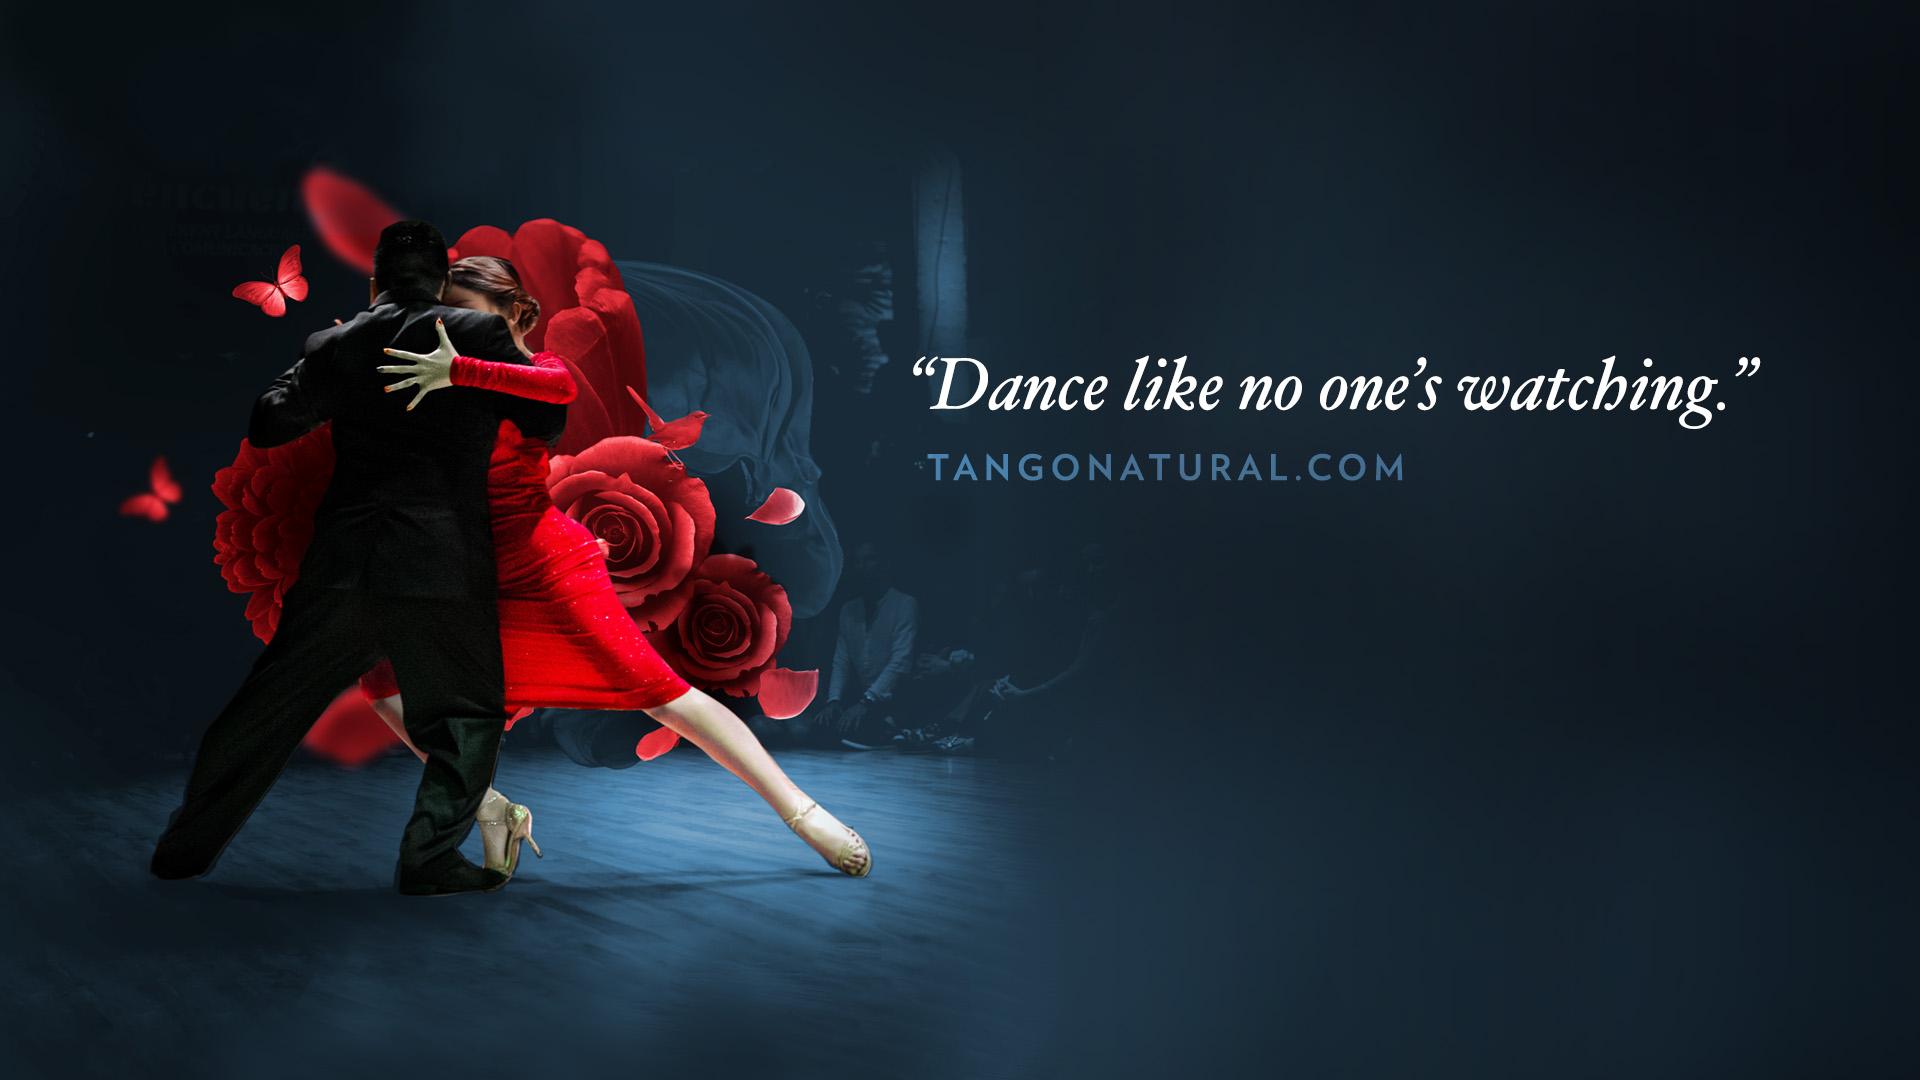 tango natural 10 reasons